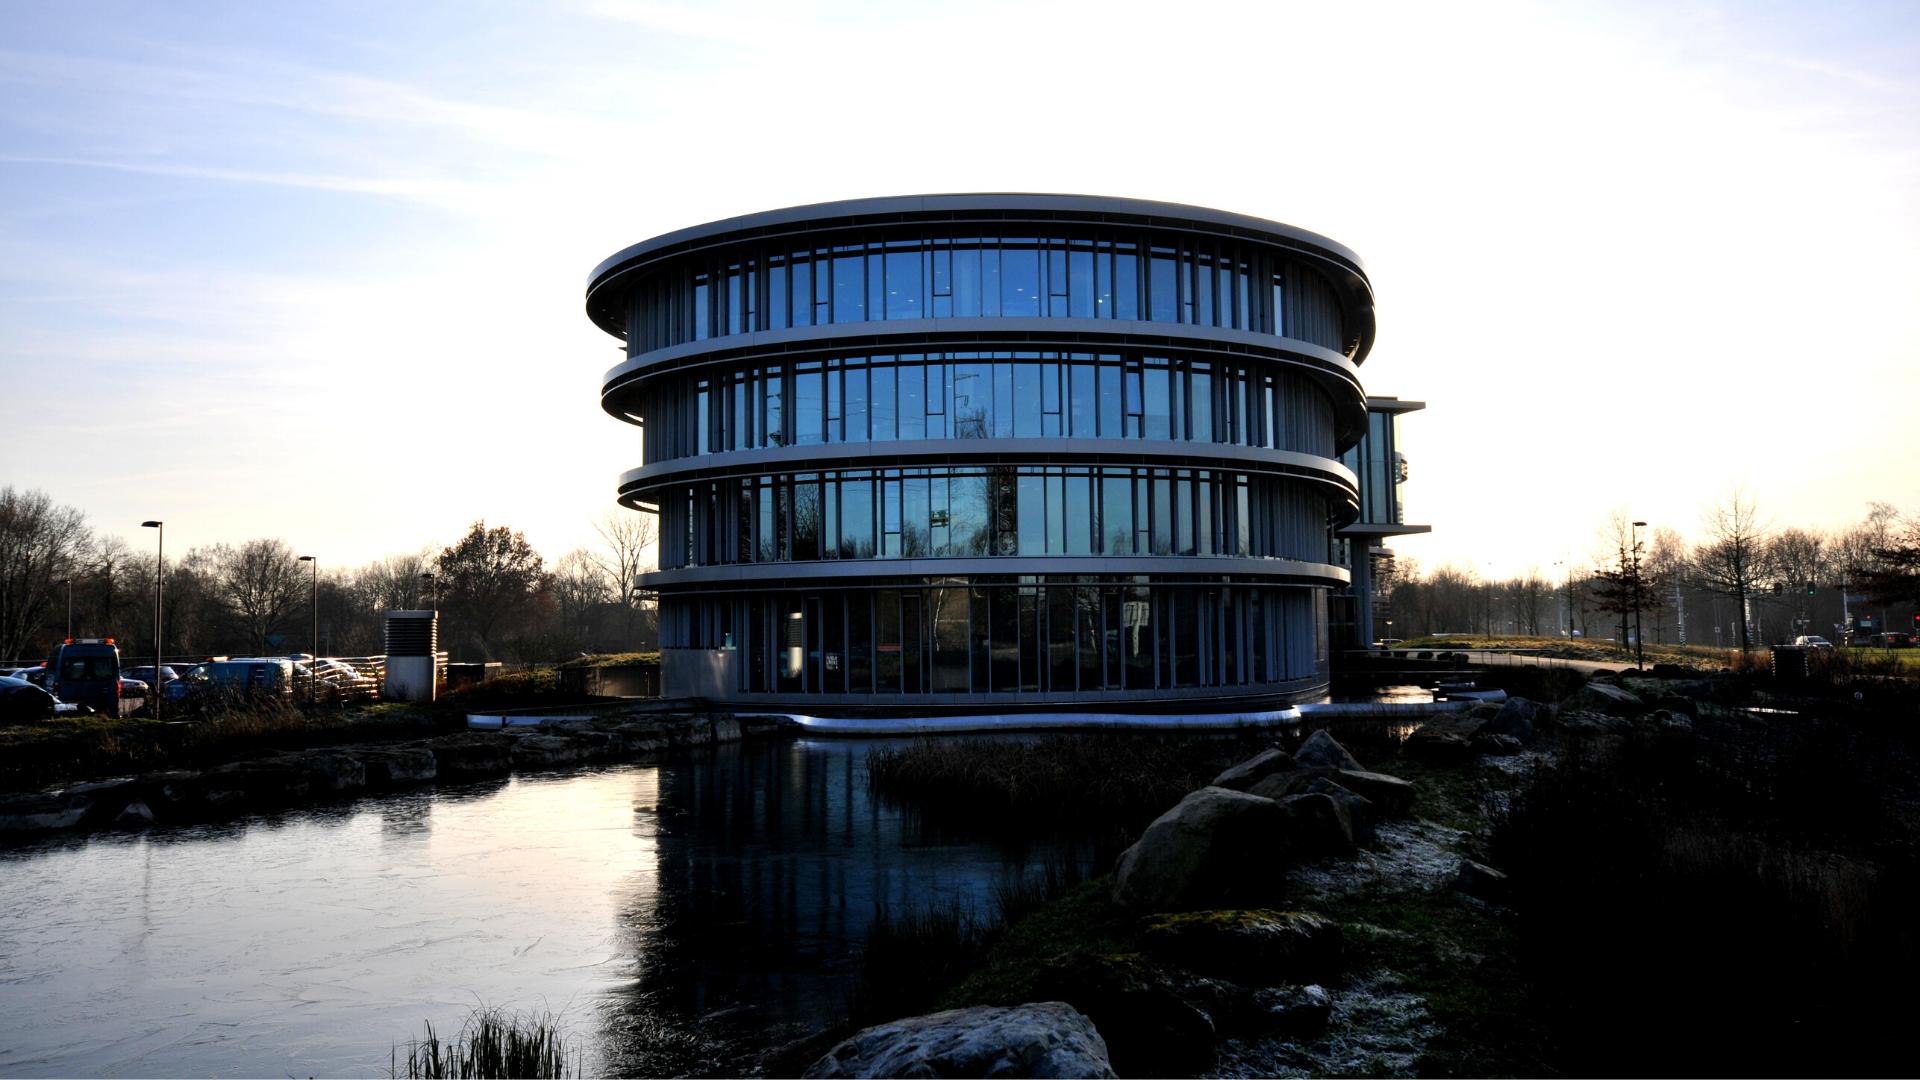 Waterschap-Doetinchem-gevel-perforation-panel-facade-front